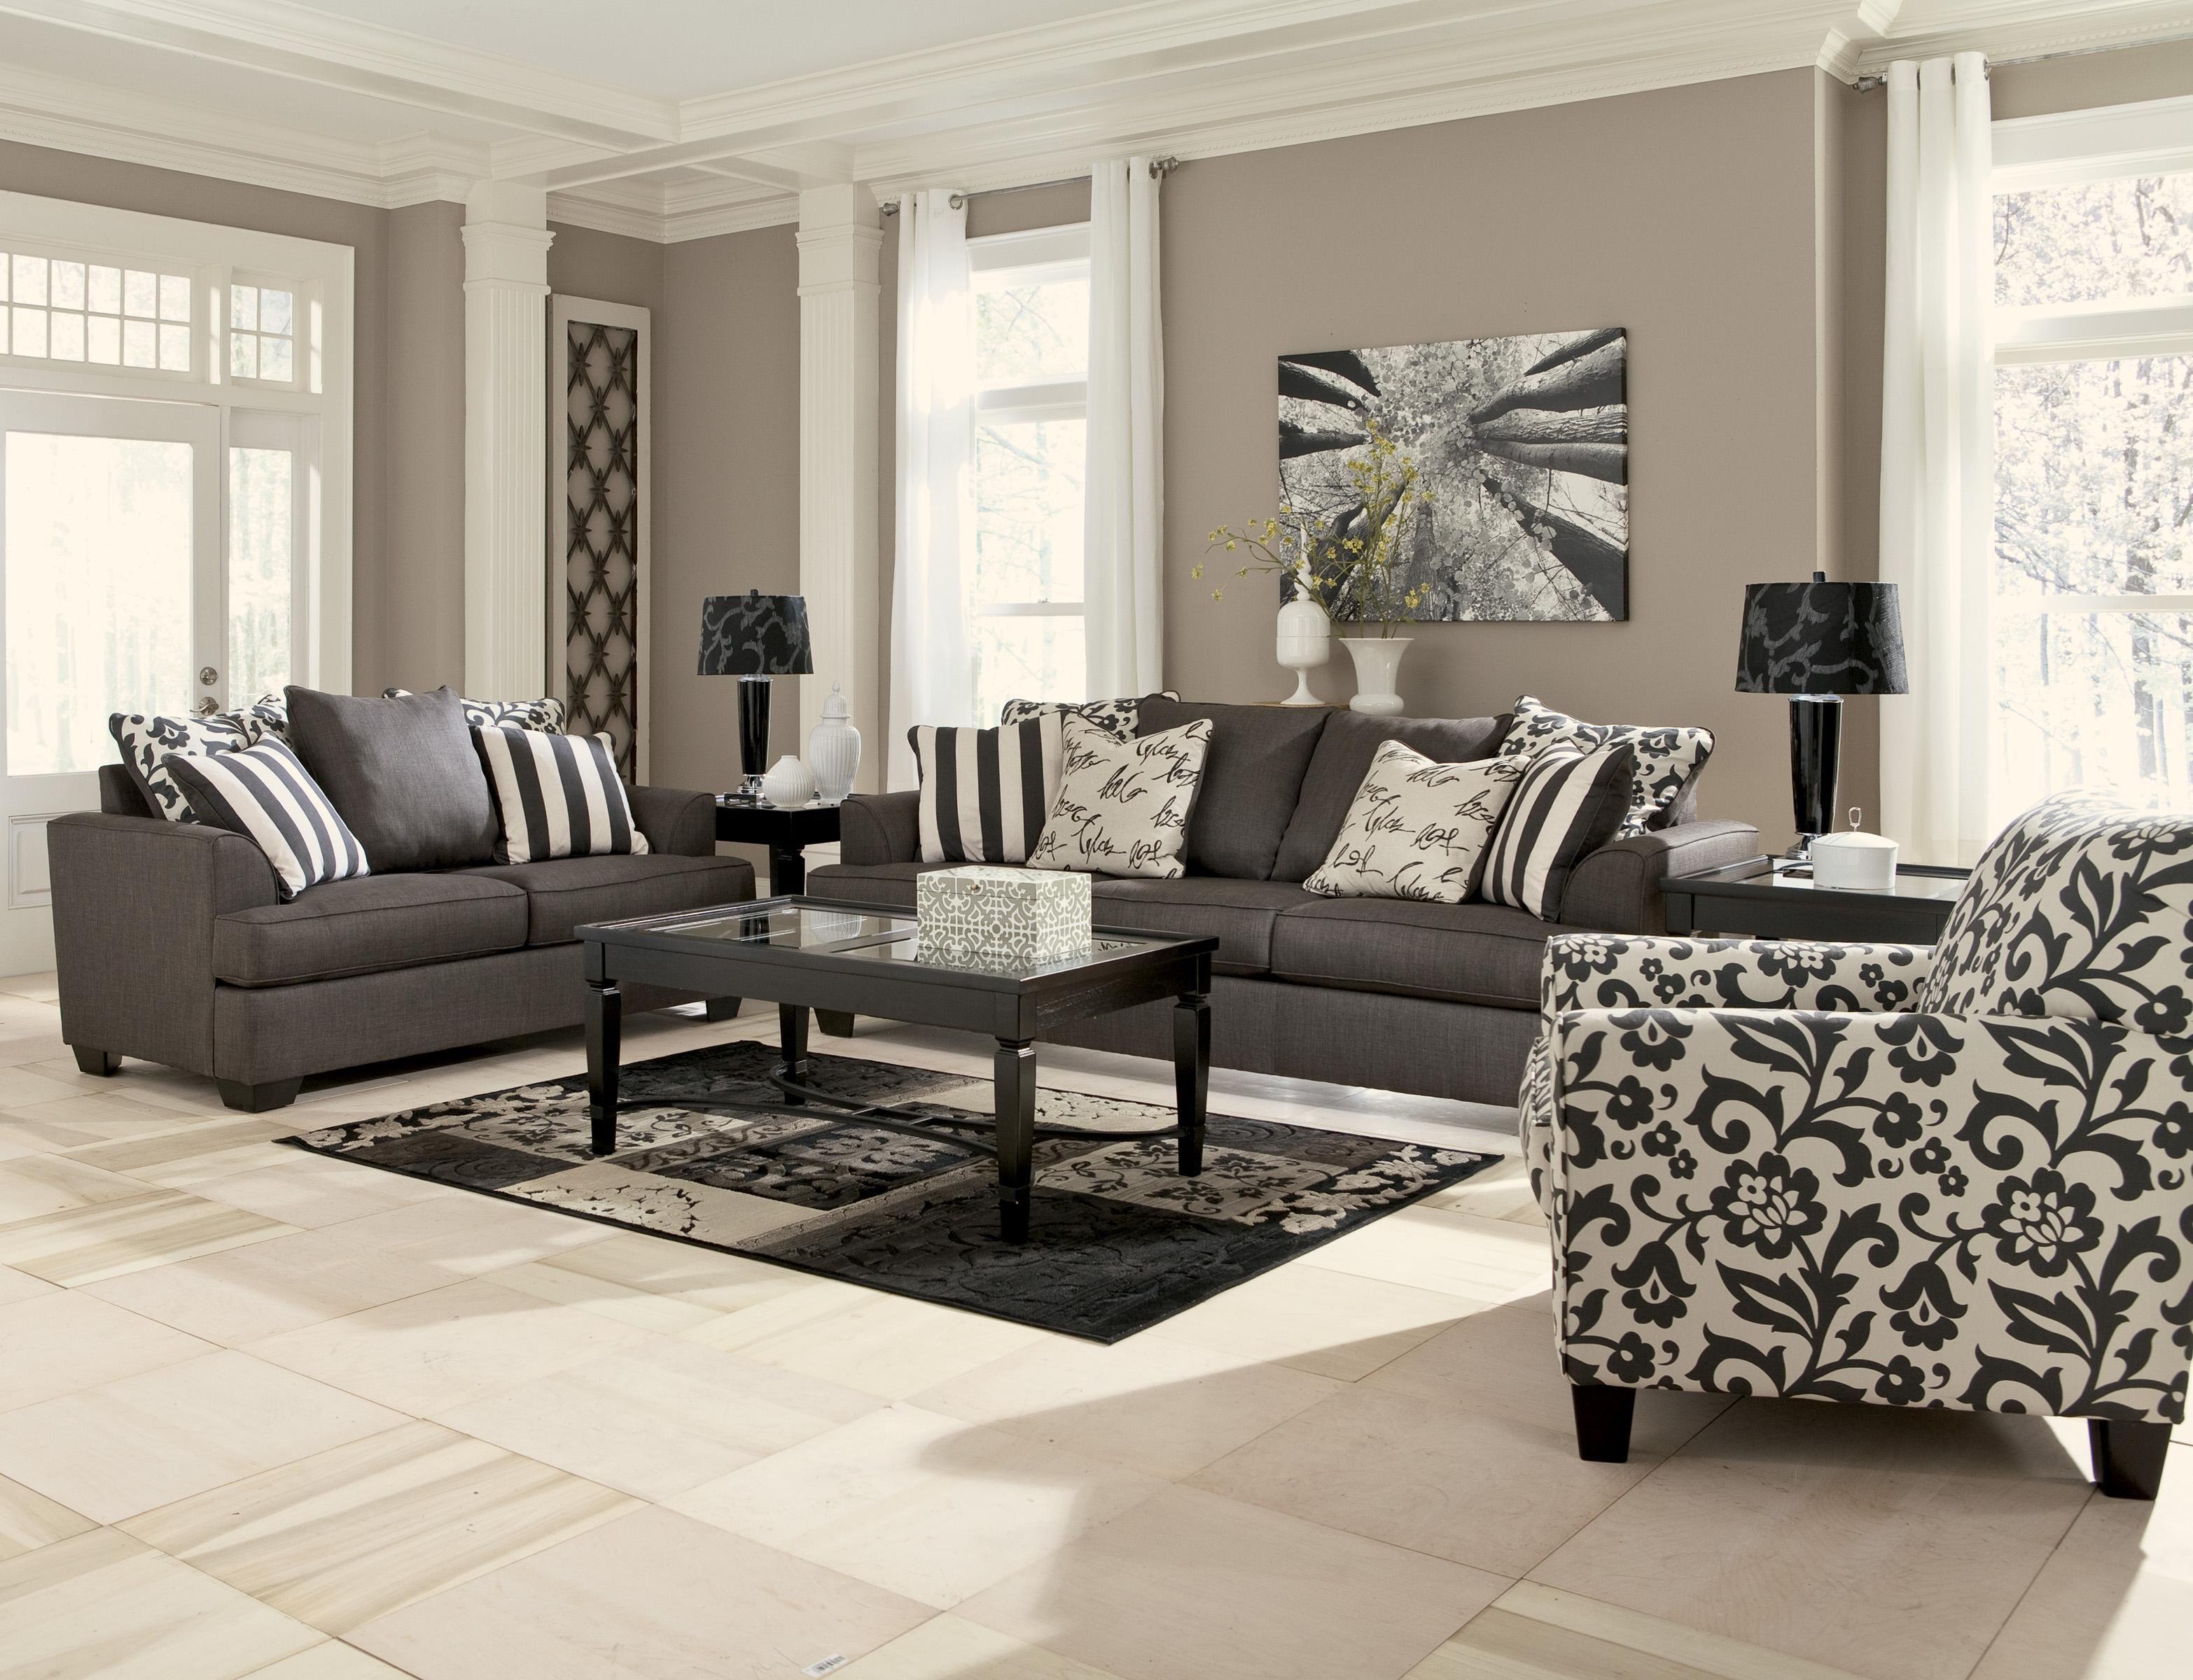 Wohnzimmer Sets Ashley Möbel Es Gibt Viele Wege, Die Zum Hinzufügen Von  Farbe Und Textur Zu Einem Wohnzimmer. Eine Option Ist, W.